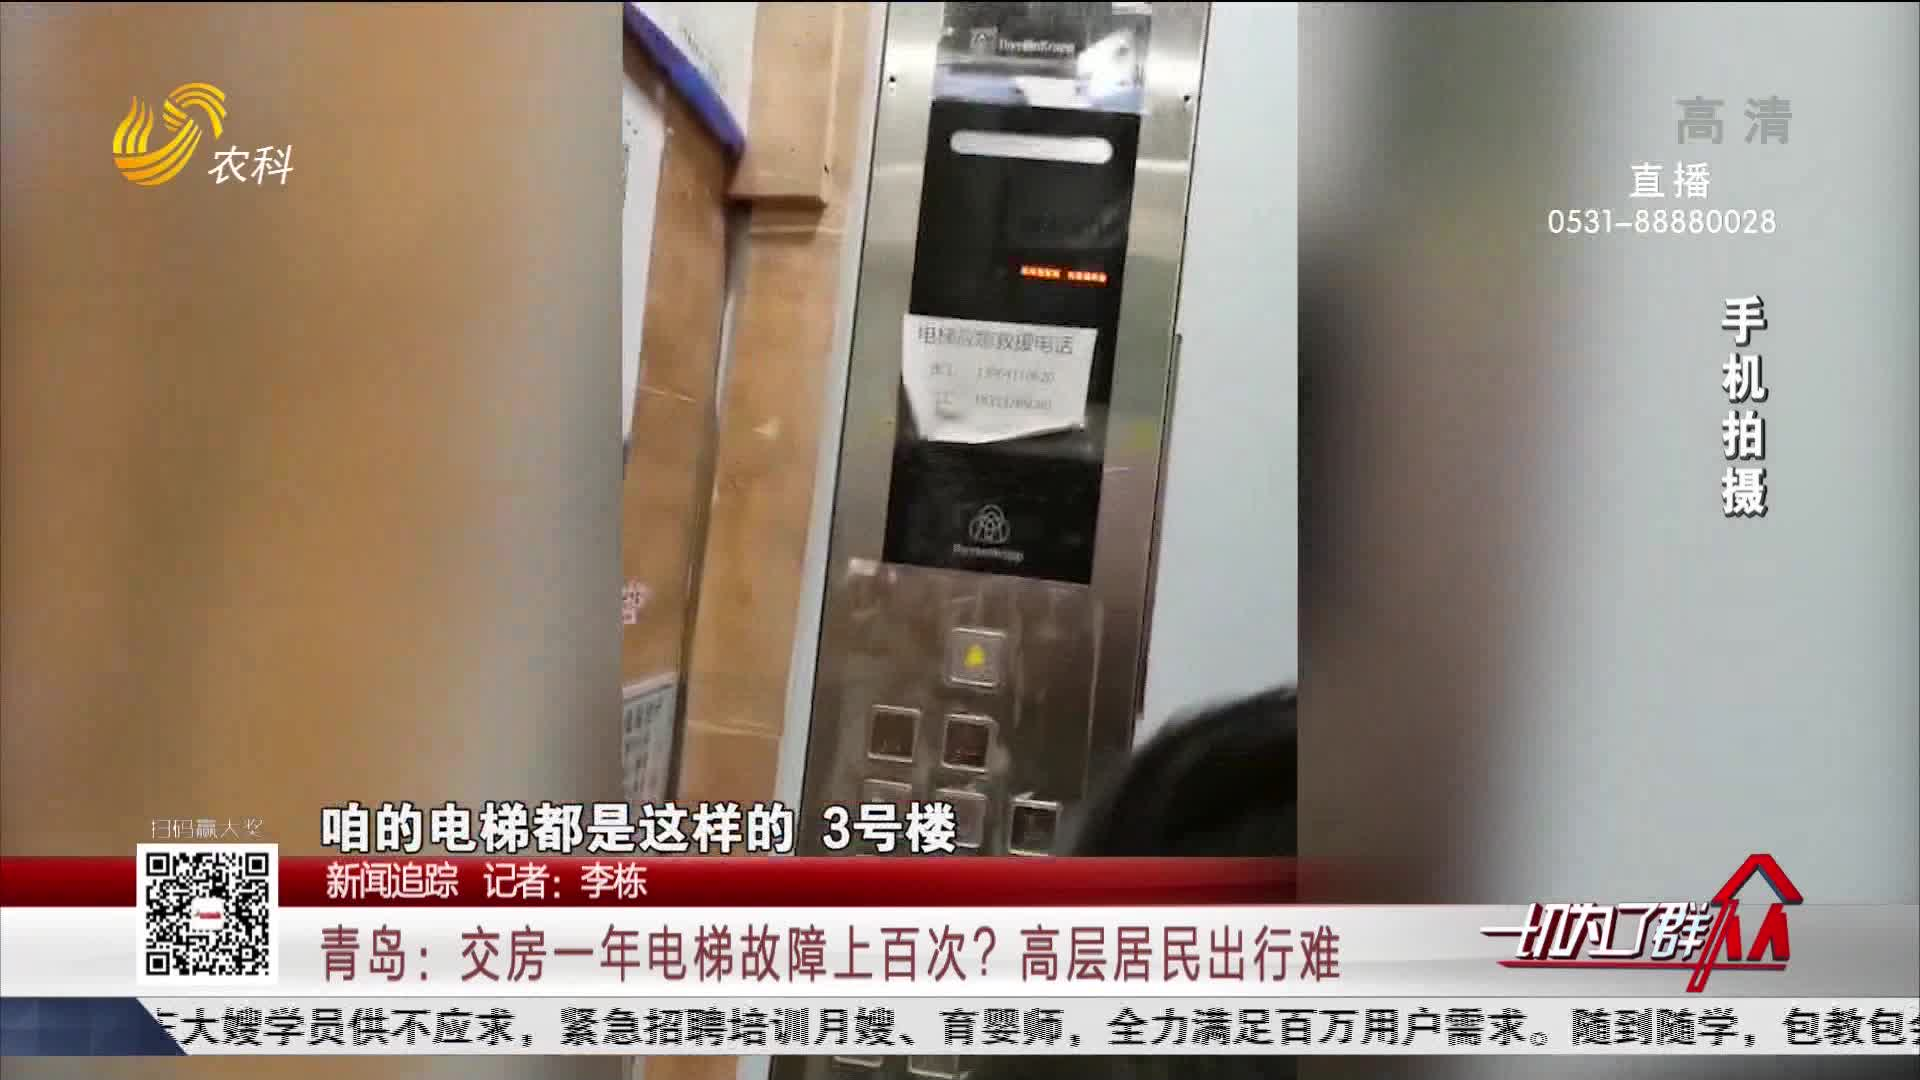 【新闻追踪】青岛:交房一年电梯故障上百次?高层居民出行难